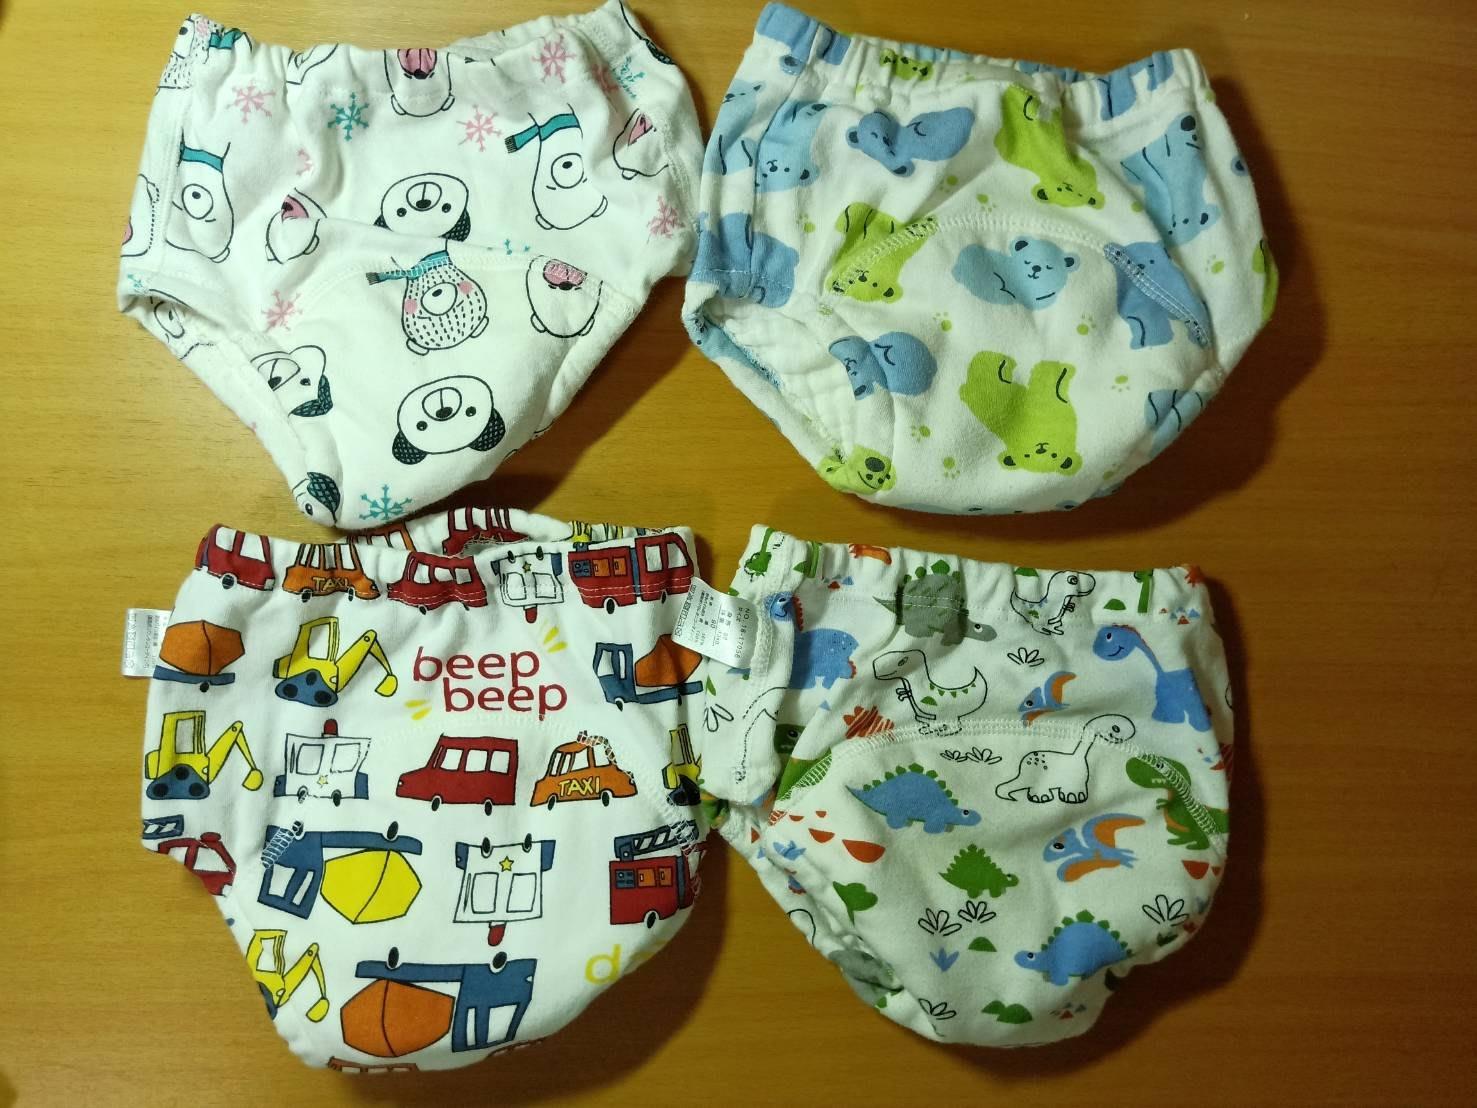 【咿呀二手館】-二手品-嬰幼兒透氣6層純棉尿布褲、學習褲-100%純棉(尺寸90公分)、有汽車、恐龍、北極熊、熊熊、太空